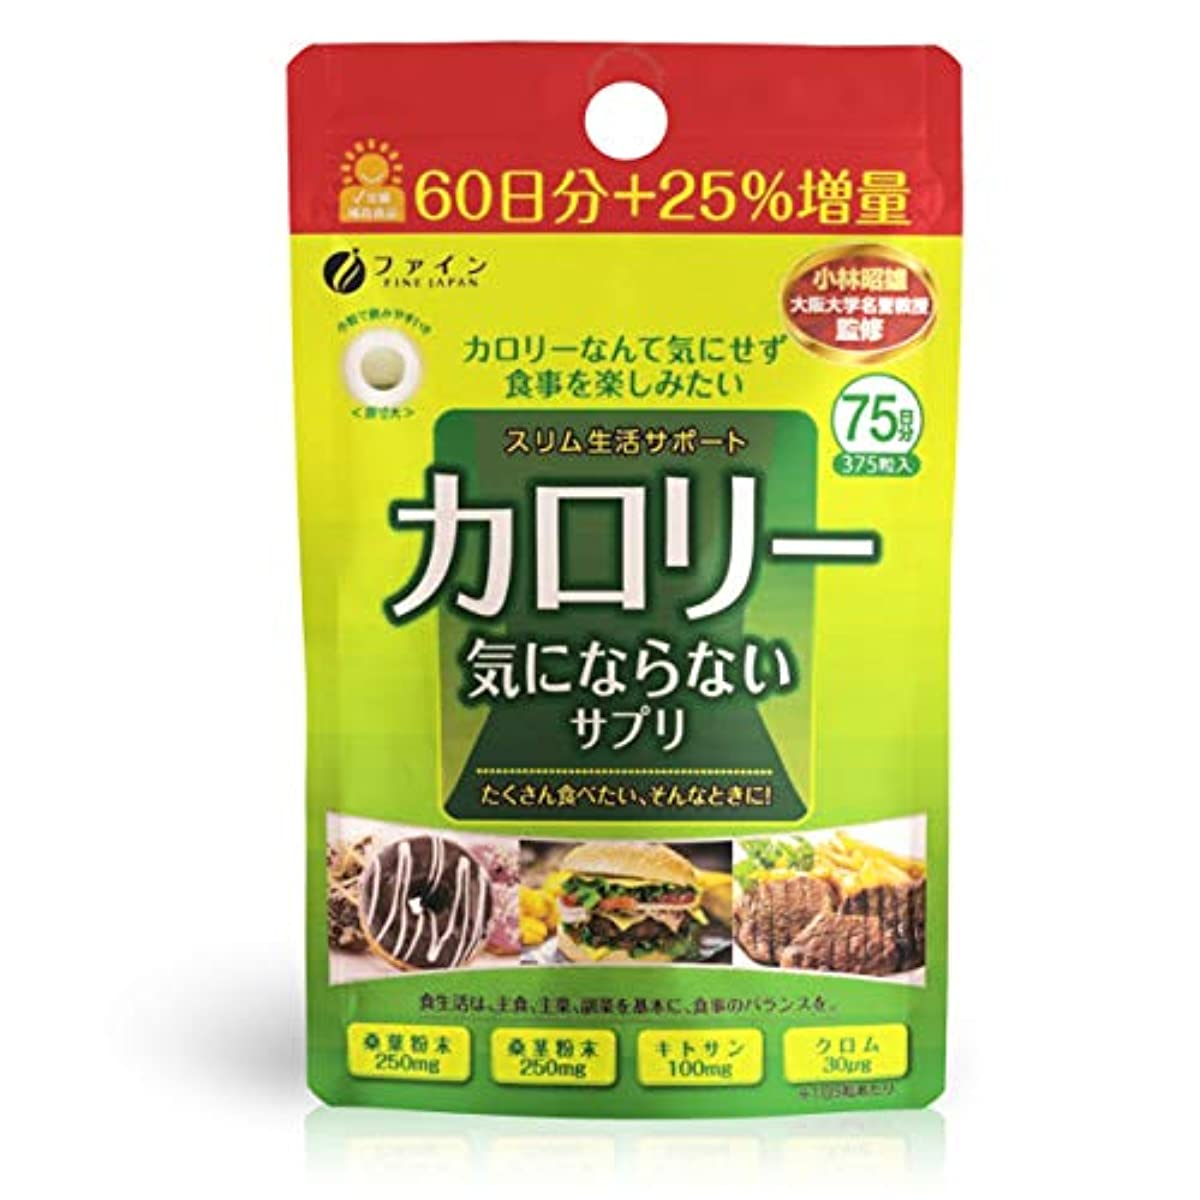 [해외] 파인 칼로리 신경이 쓰이지 않는 대용량품 375알 75일분